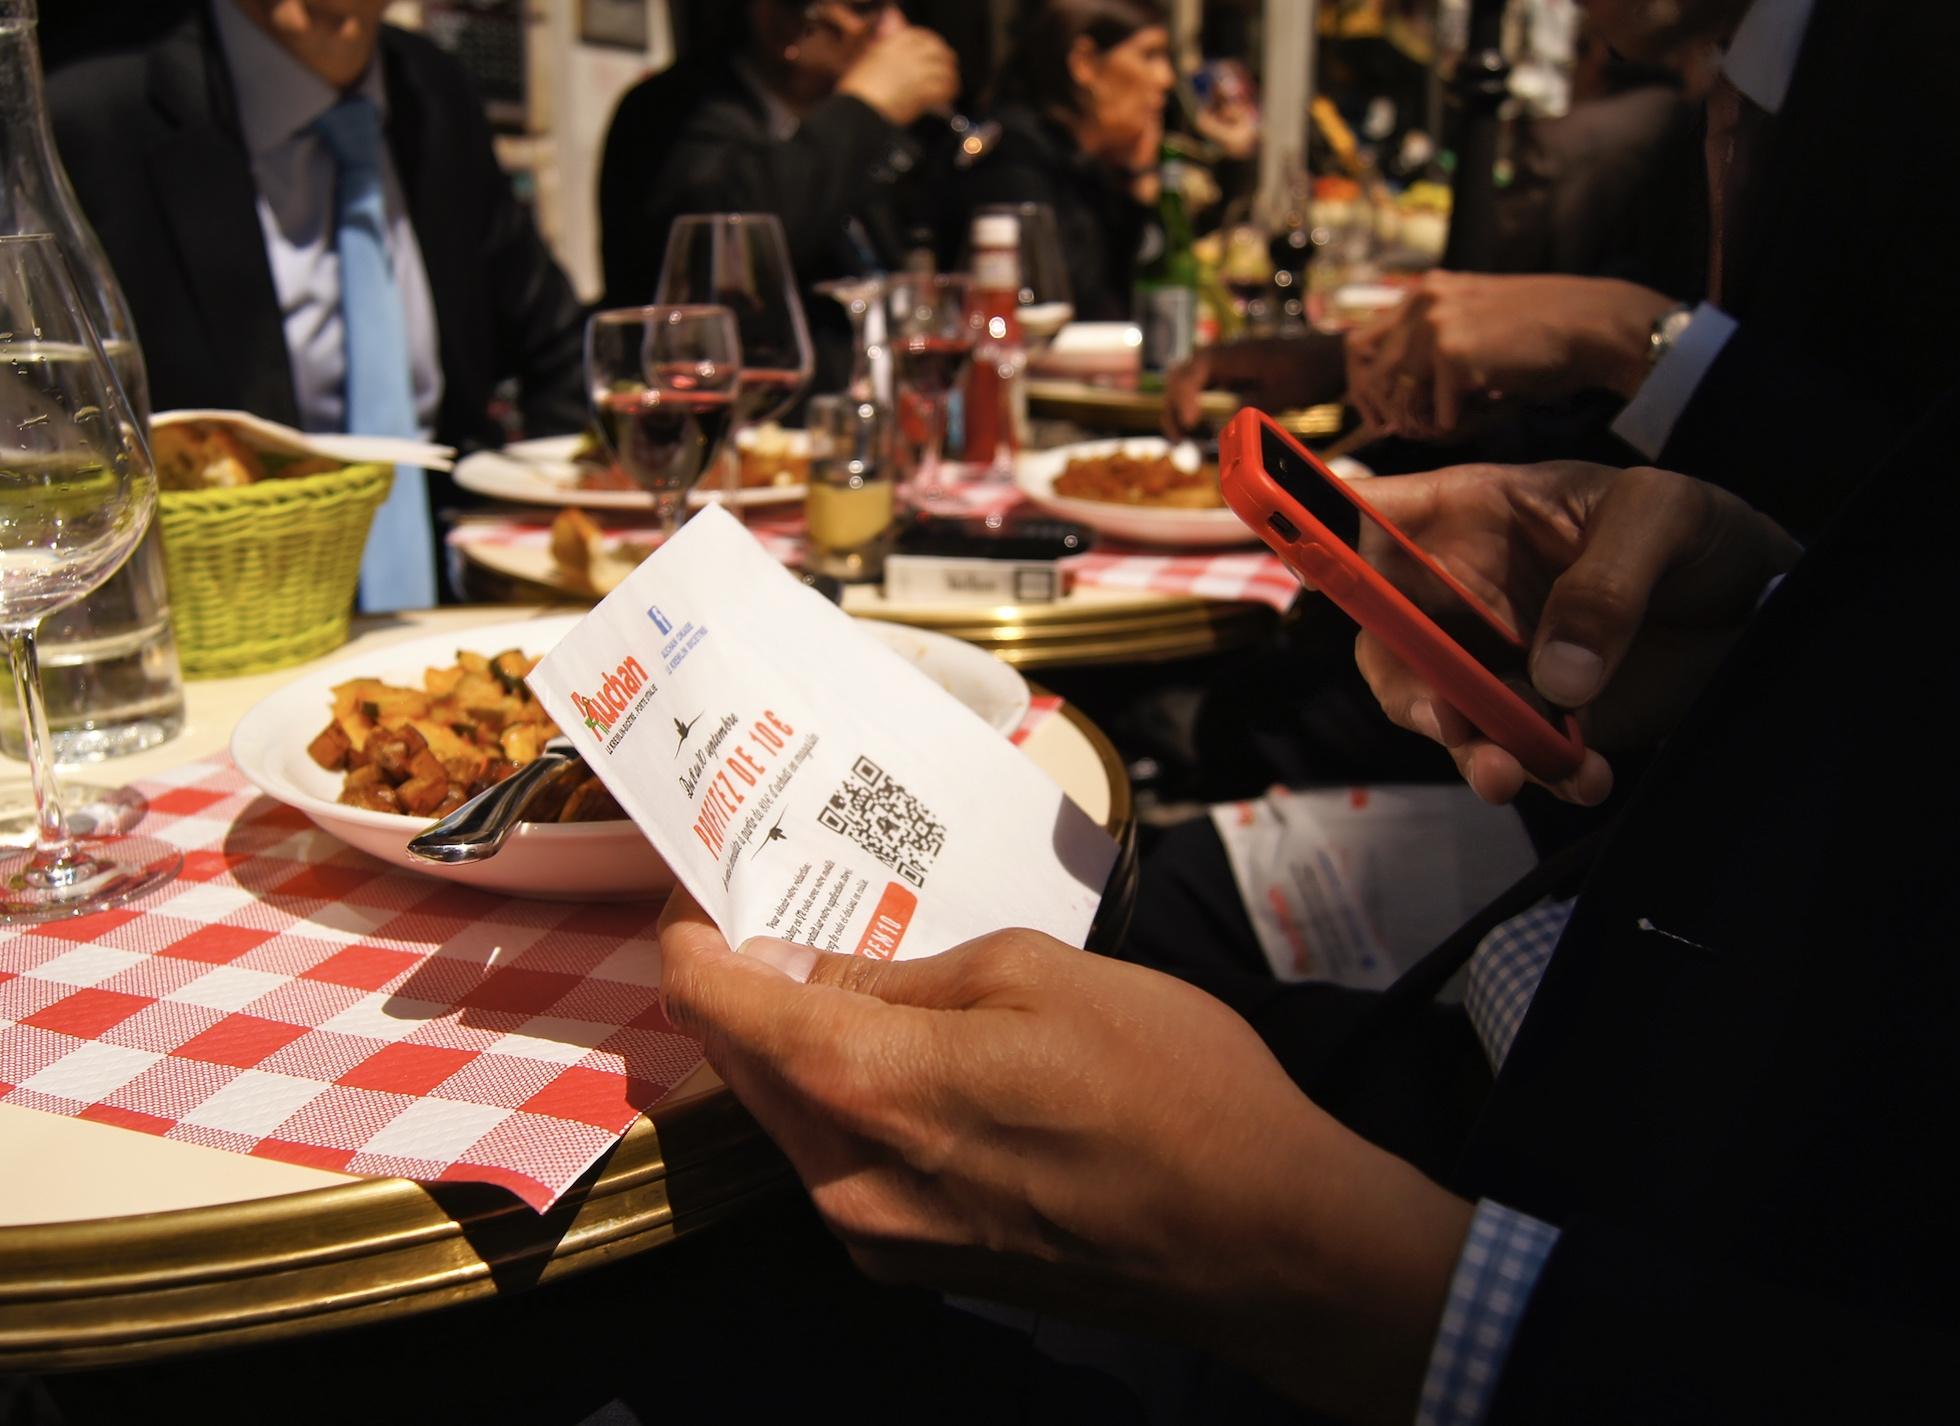 Serviette de table publicitaire, support tactique - Média tactique - Keemia Paris Agence marketing local en région Île-de-France